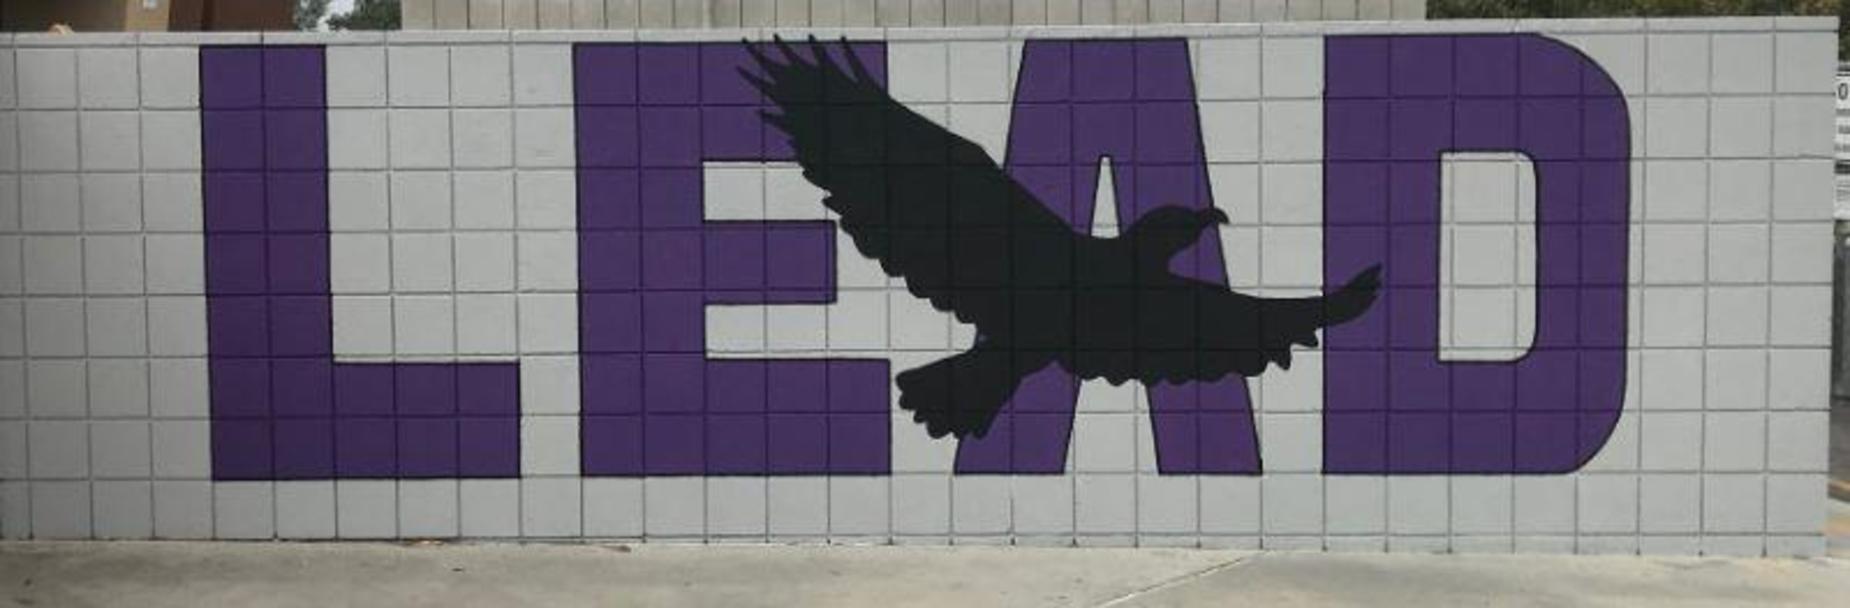 Lead Mural